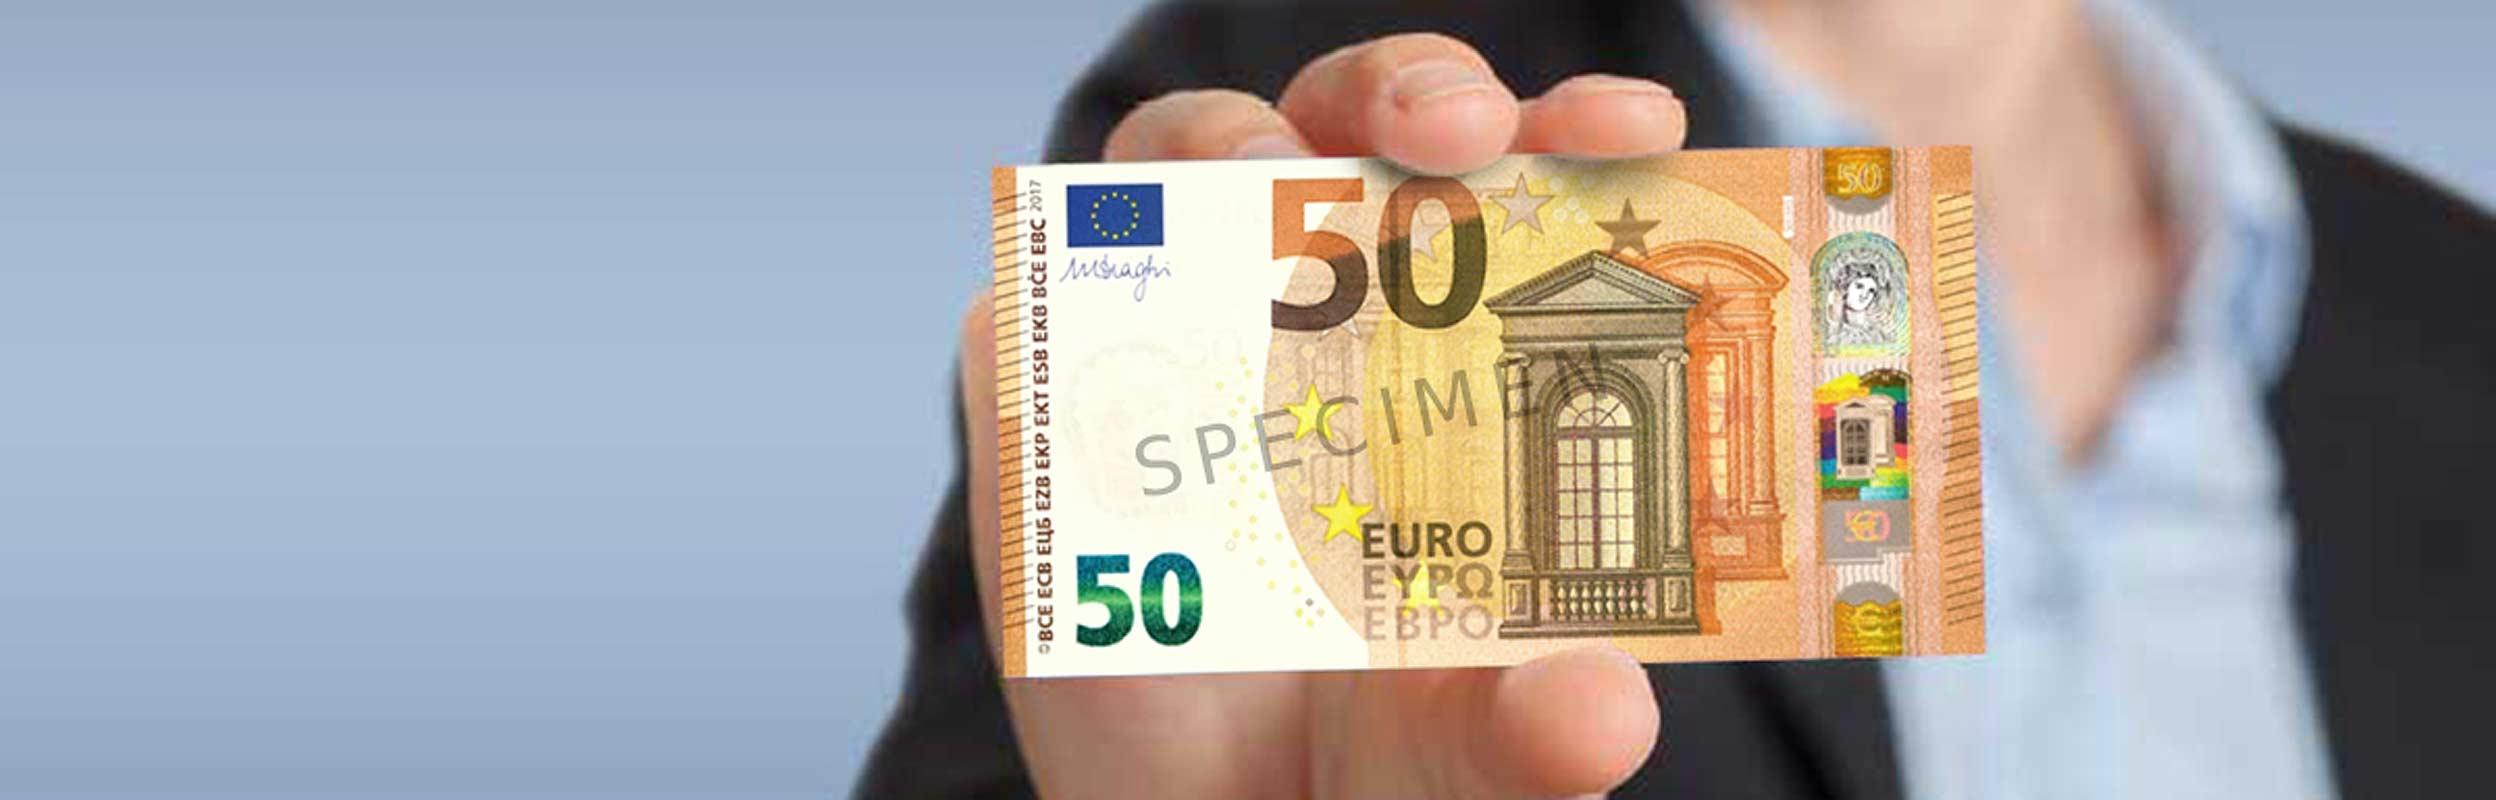 Le Nouveau Billet De 50 Euros Est Arrivé - Dossier | Cic concernant Billet De 50 Euros À Imprimer